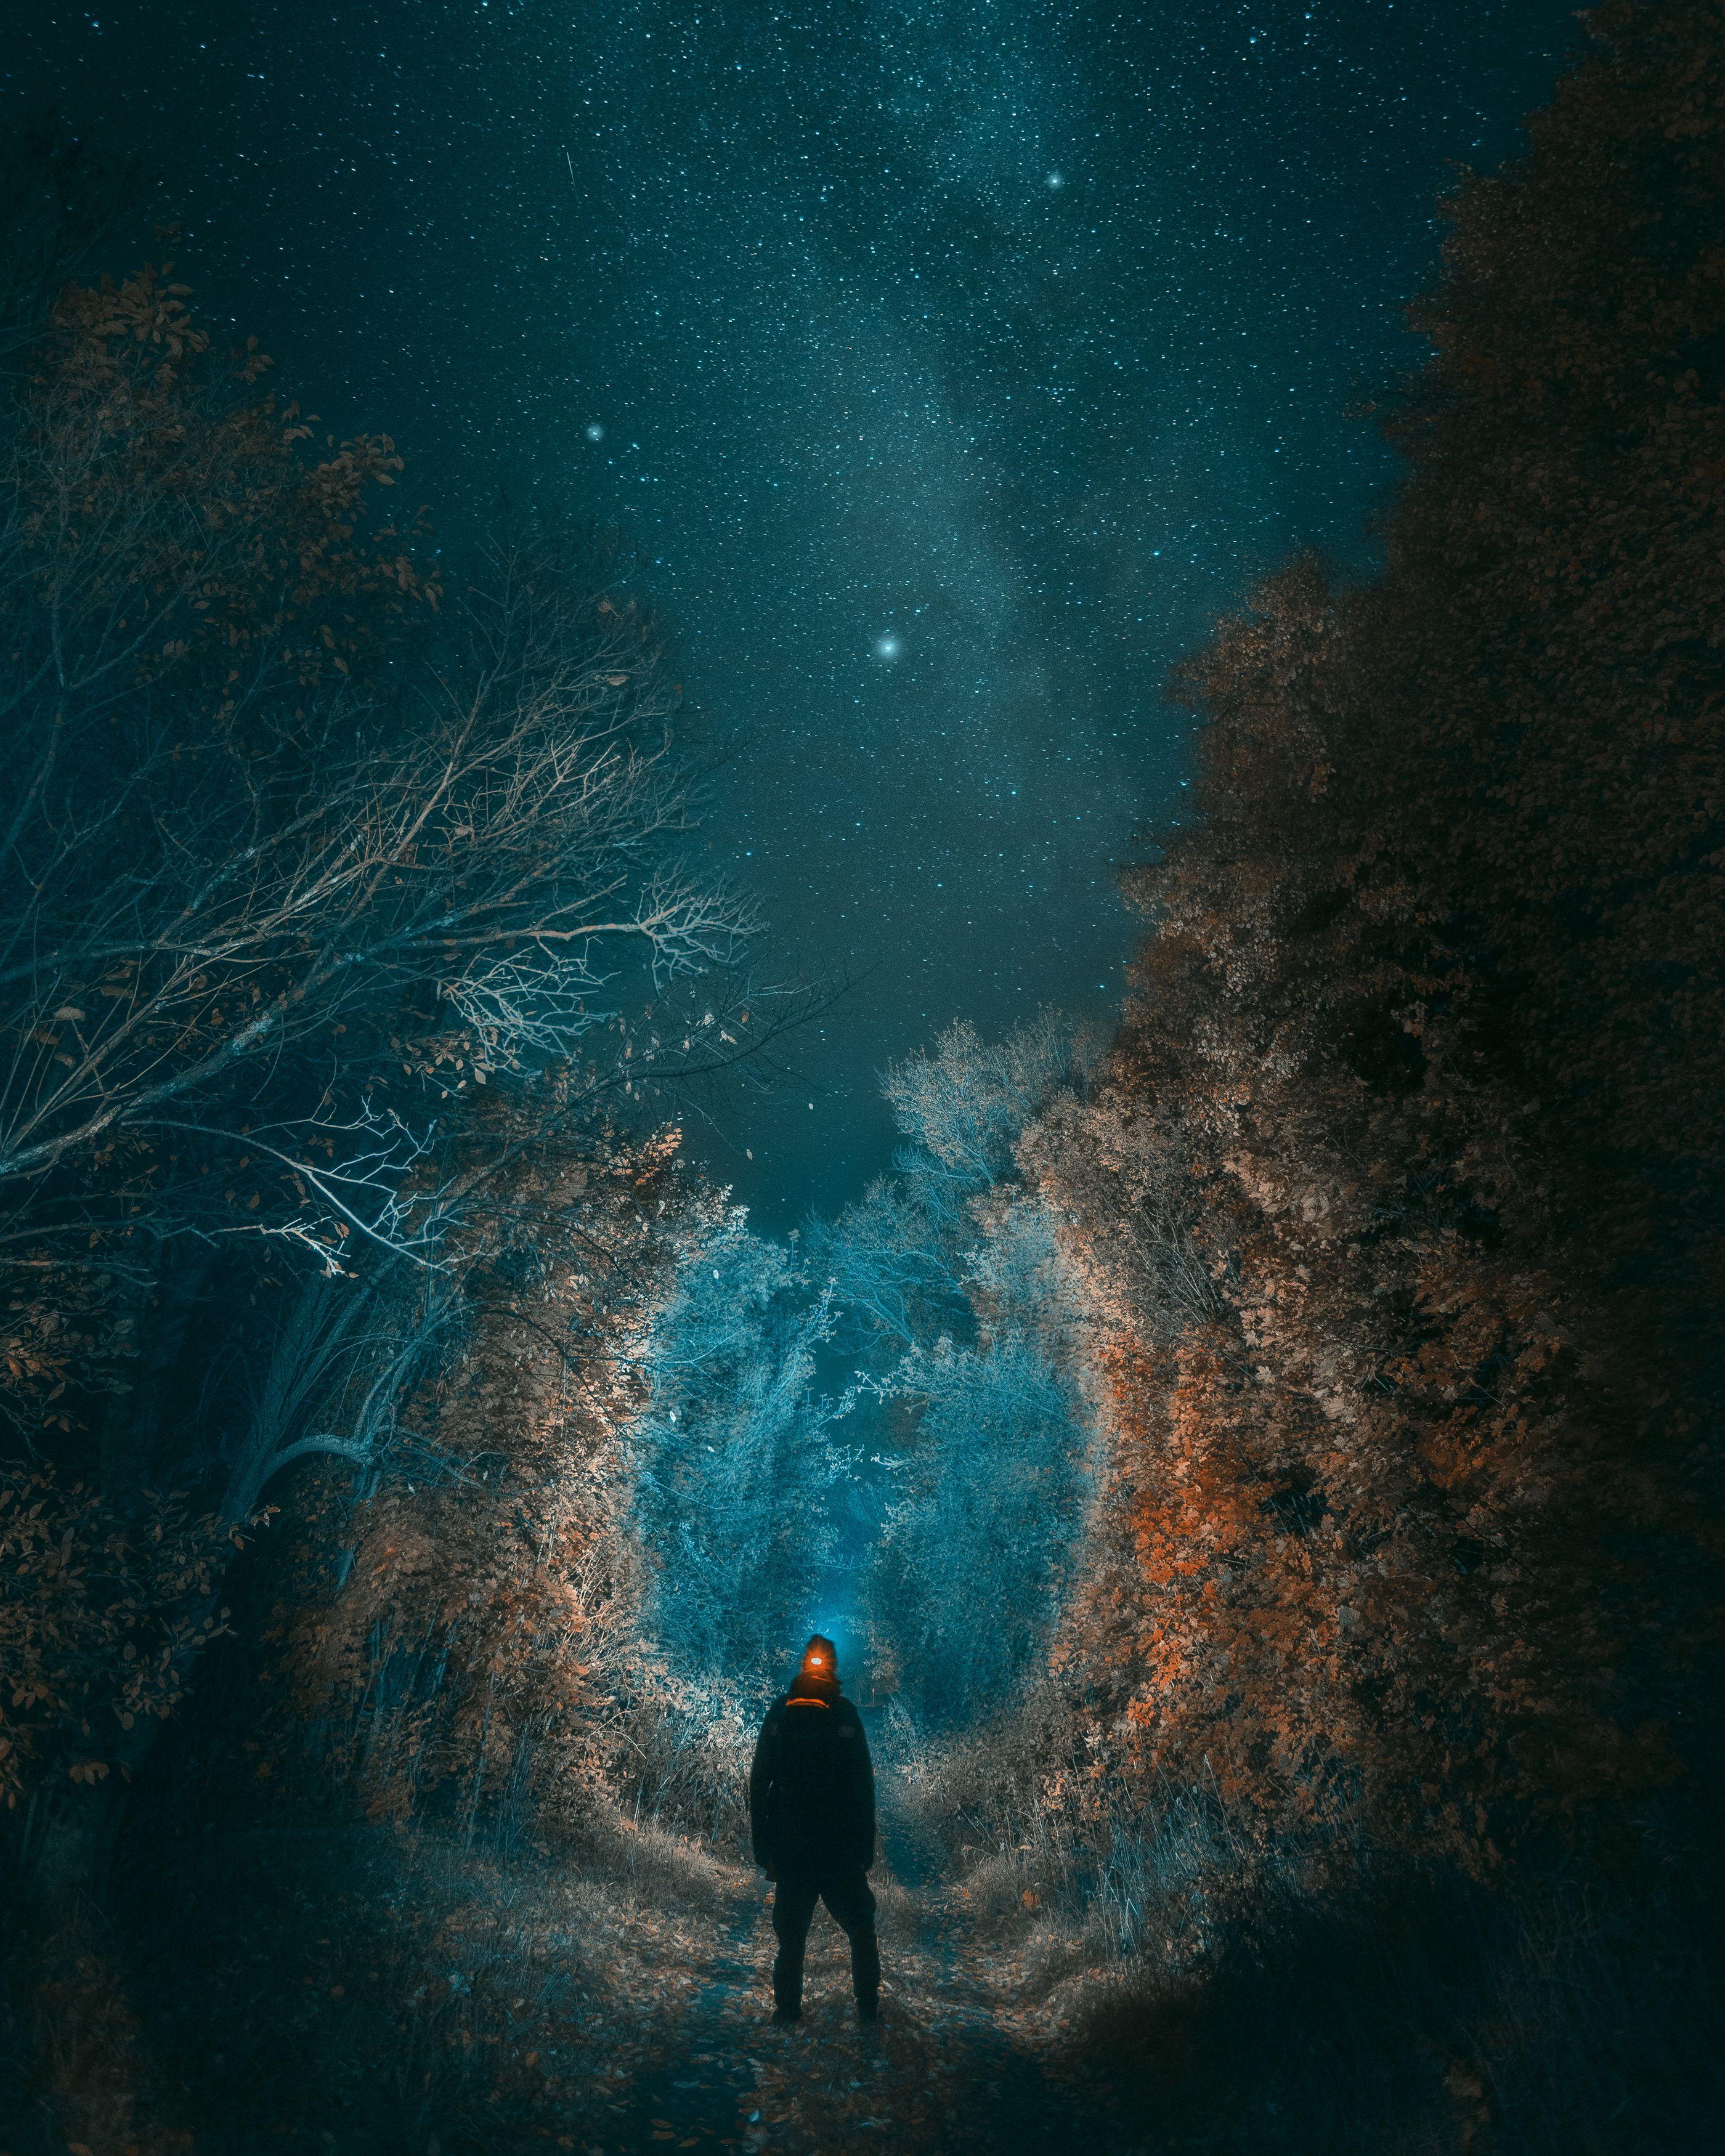 ночь, звезды, дорога, природа, Тульская область, пейзаж, Мартыненко Дмитрий